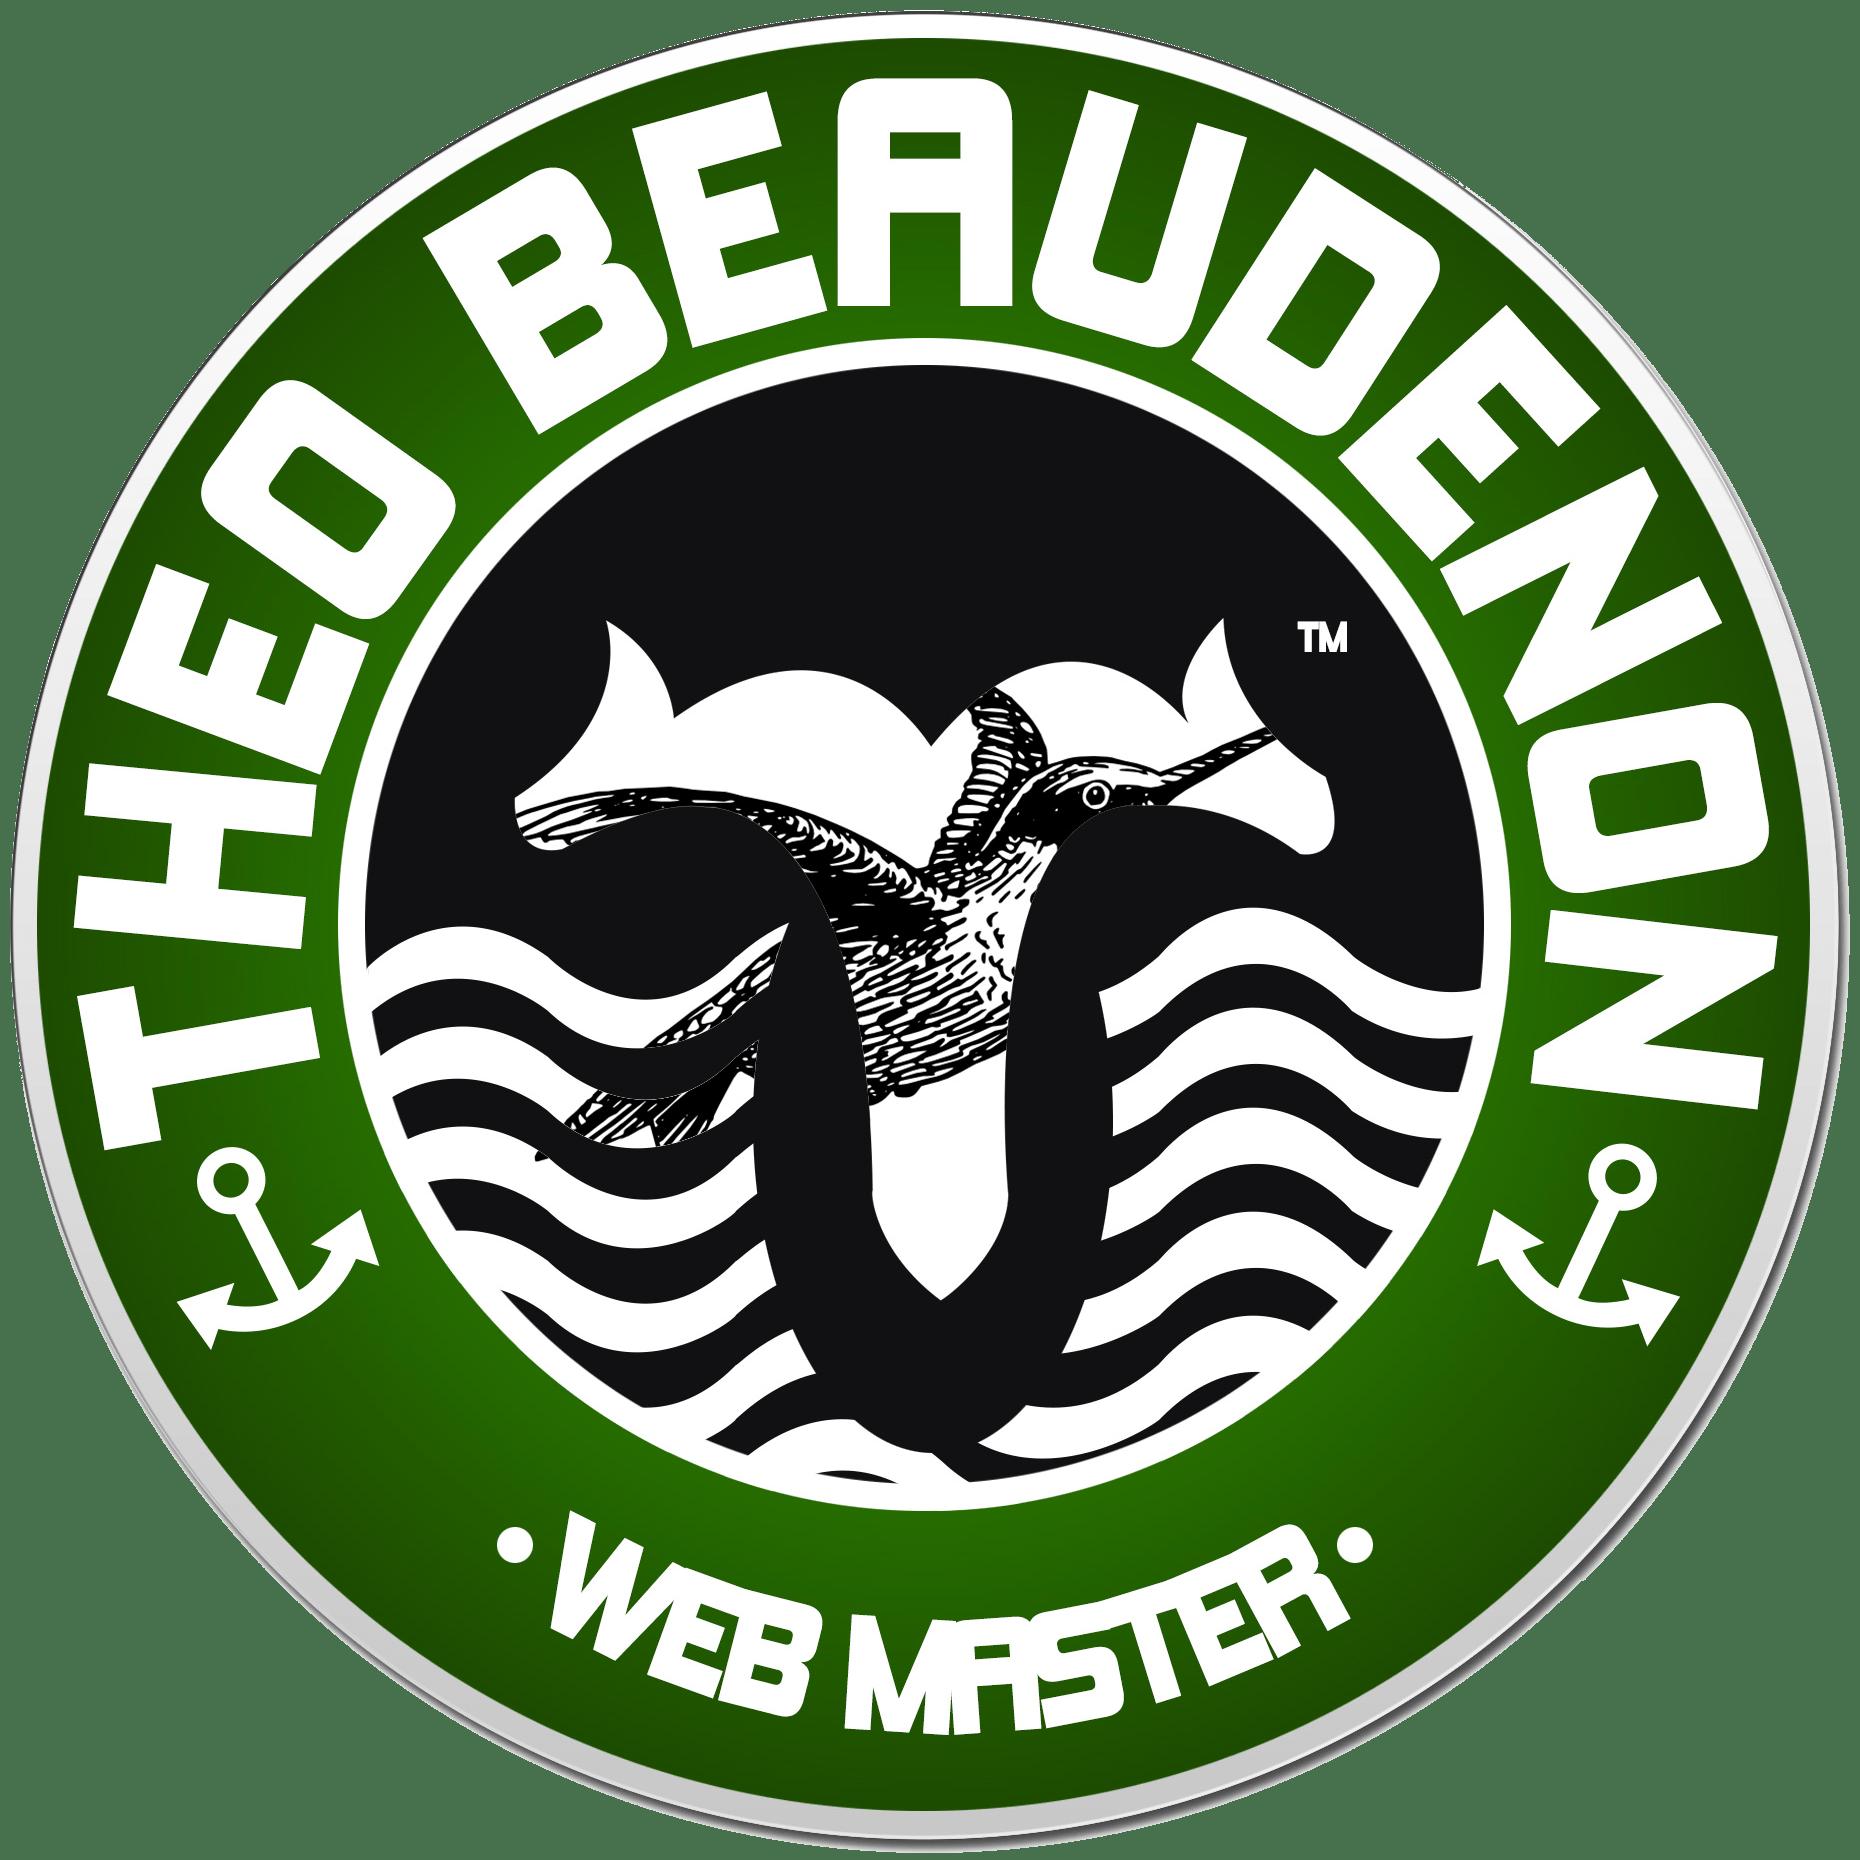 Theo Beaudenon